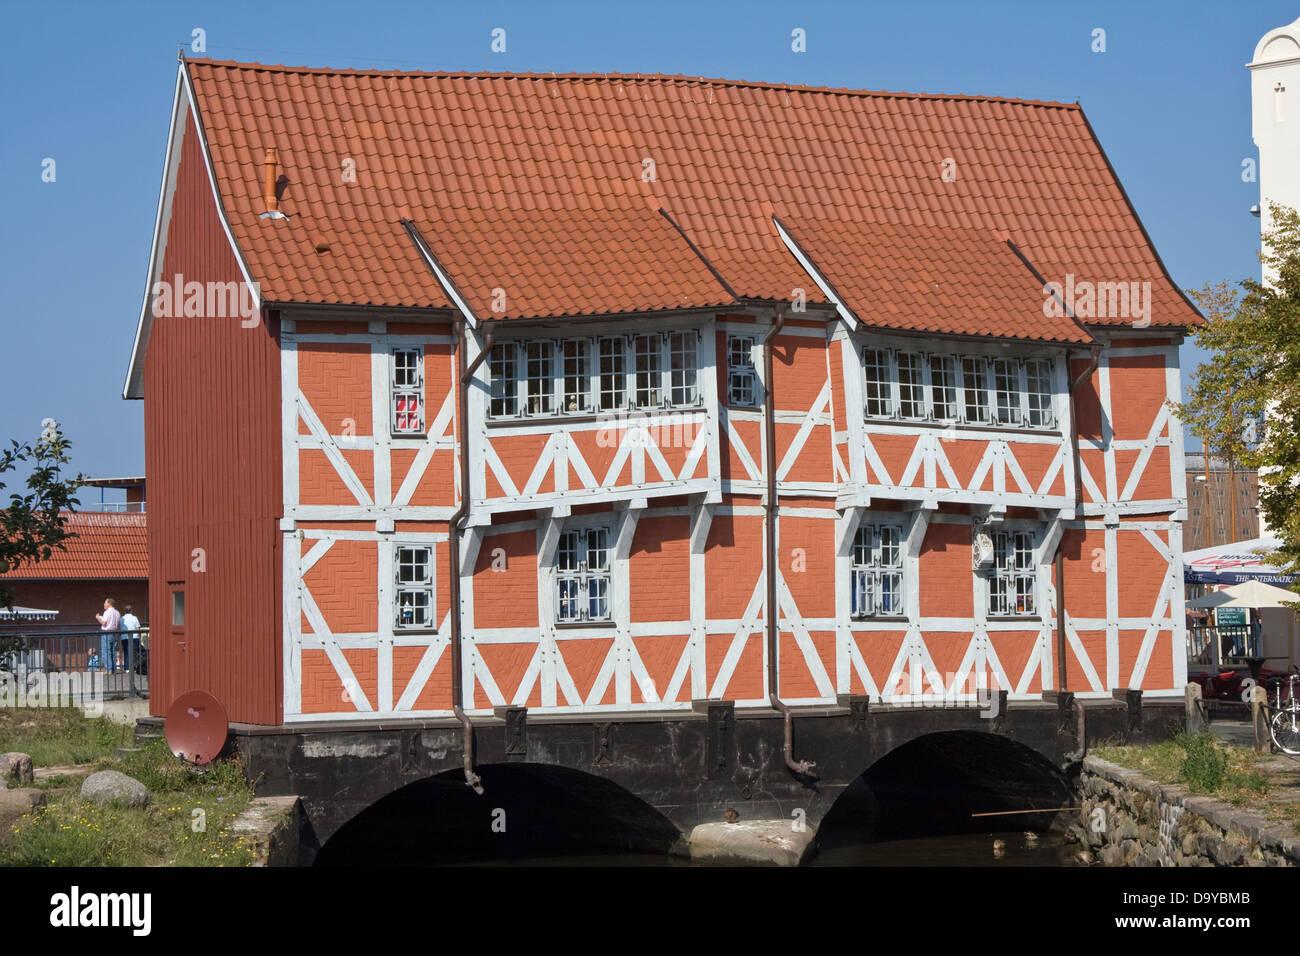 Europe, Germany, Mecklenburg-Vorpommern, Wismar,Gewölbe - Stock Image